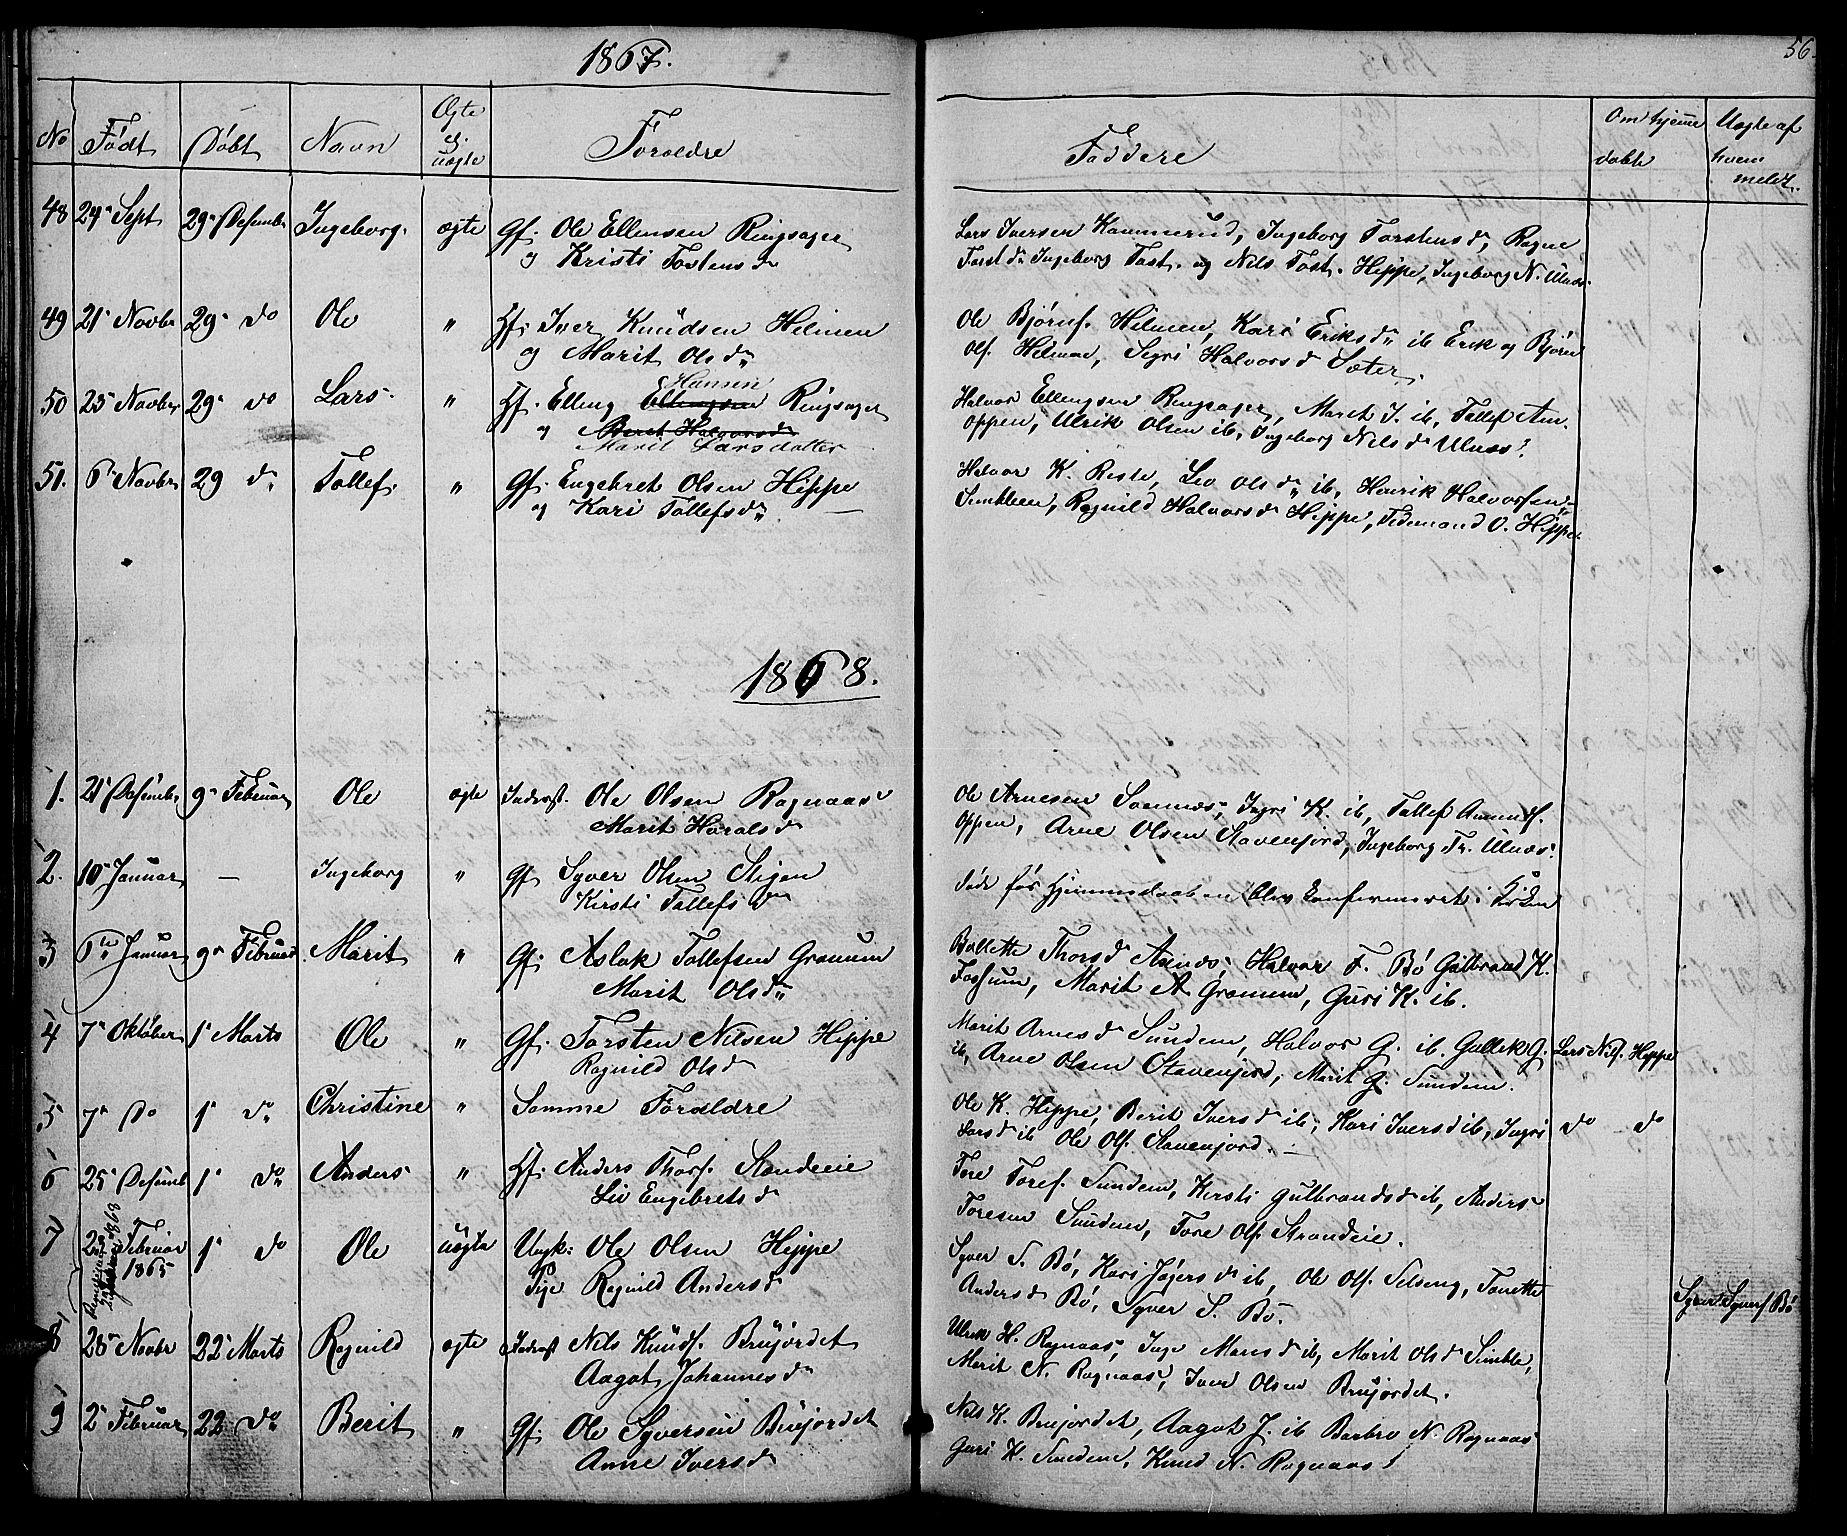 SAH, Nord-Aurdal prestekontor, Klokkerbok nr. 4, 1842-1882, s. 56